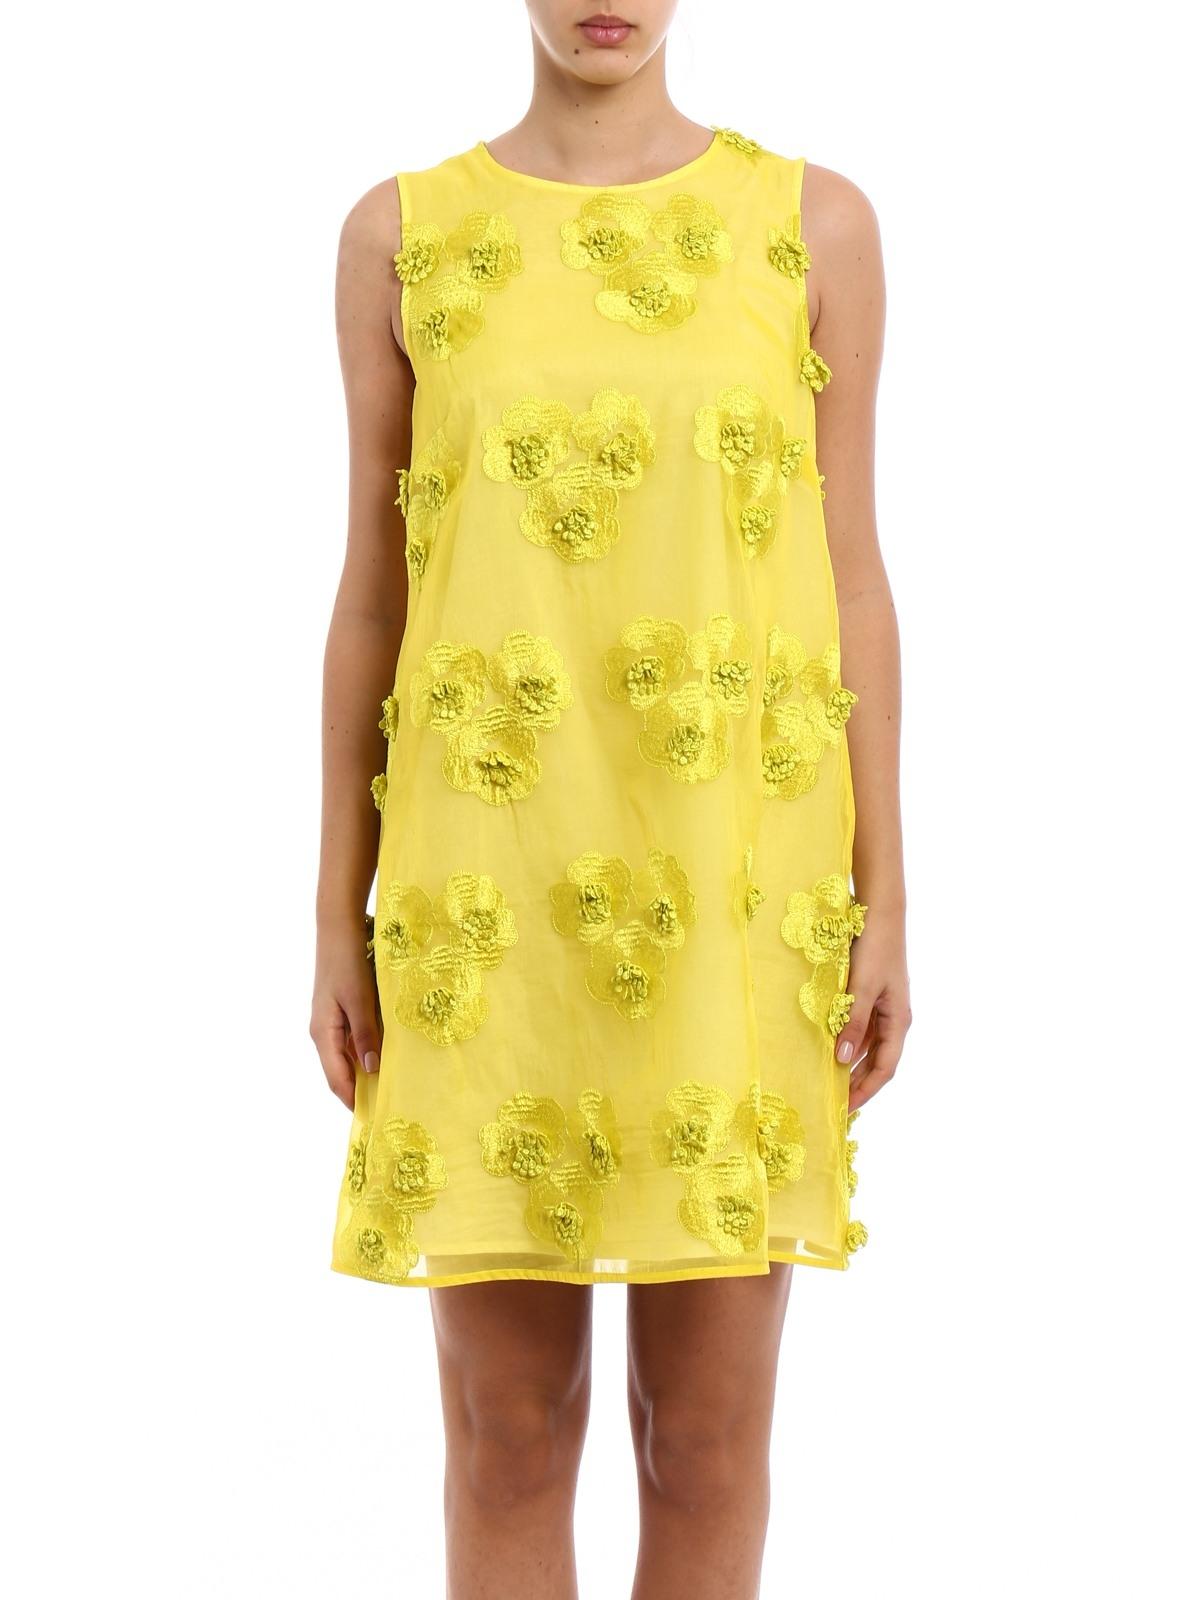 15 Fantastisch Kleid Gelb Kurz Vertrieb17 Leicht Kleid Gelb Kurz Ärmel